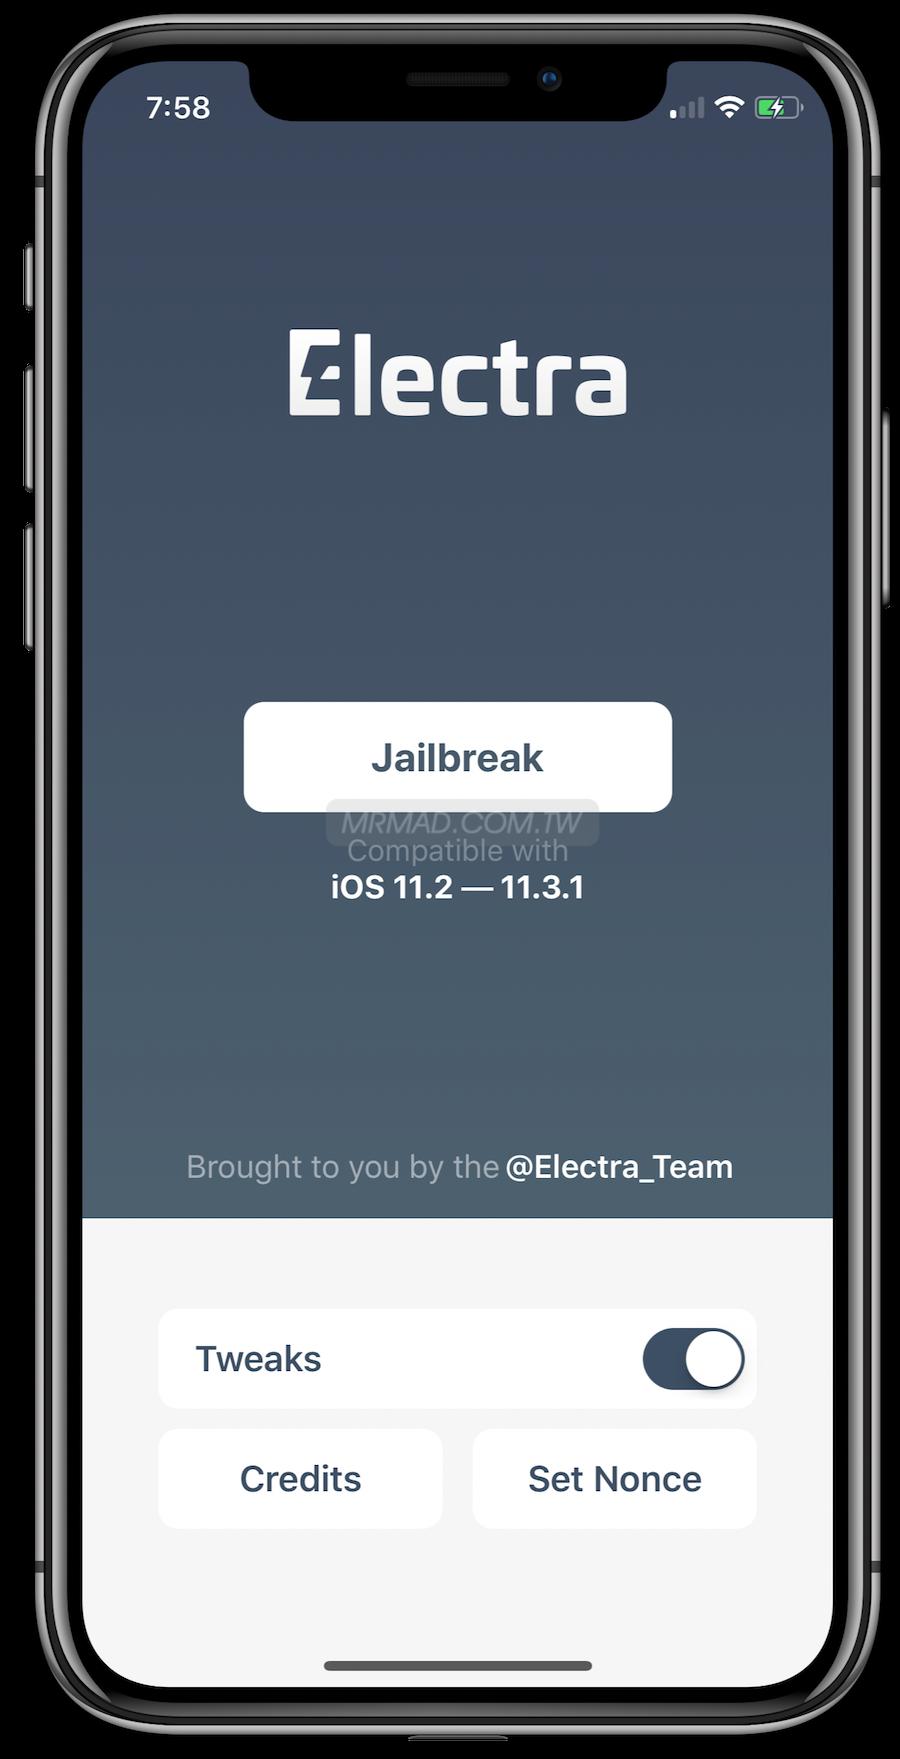 免電腦直接安裝 Electra 開發者版 iOS 11.2~11.3.1 越獄工具